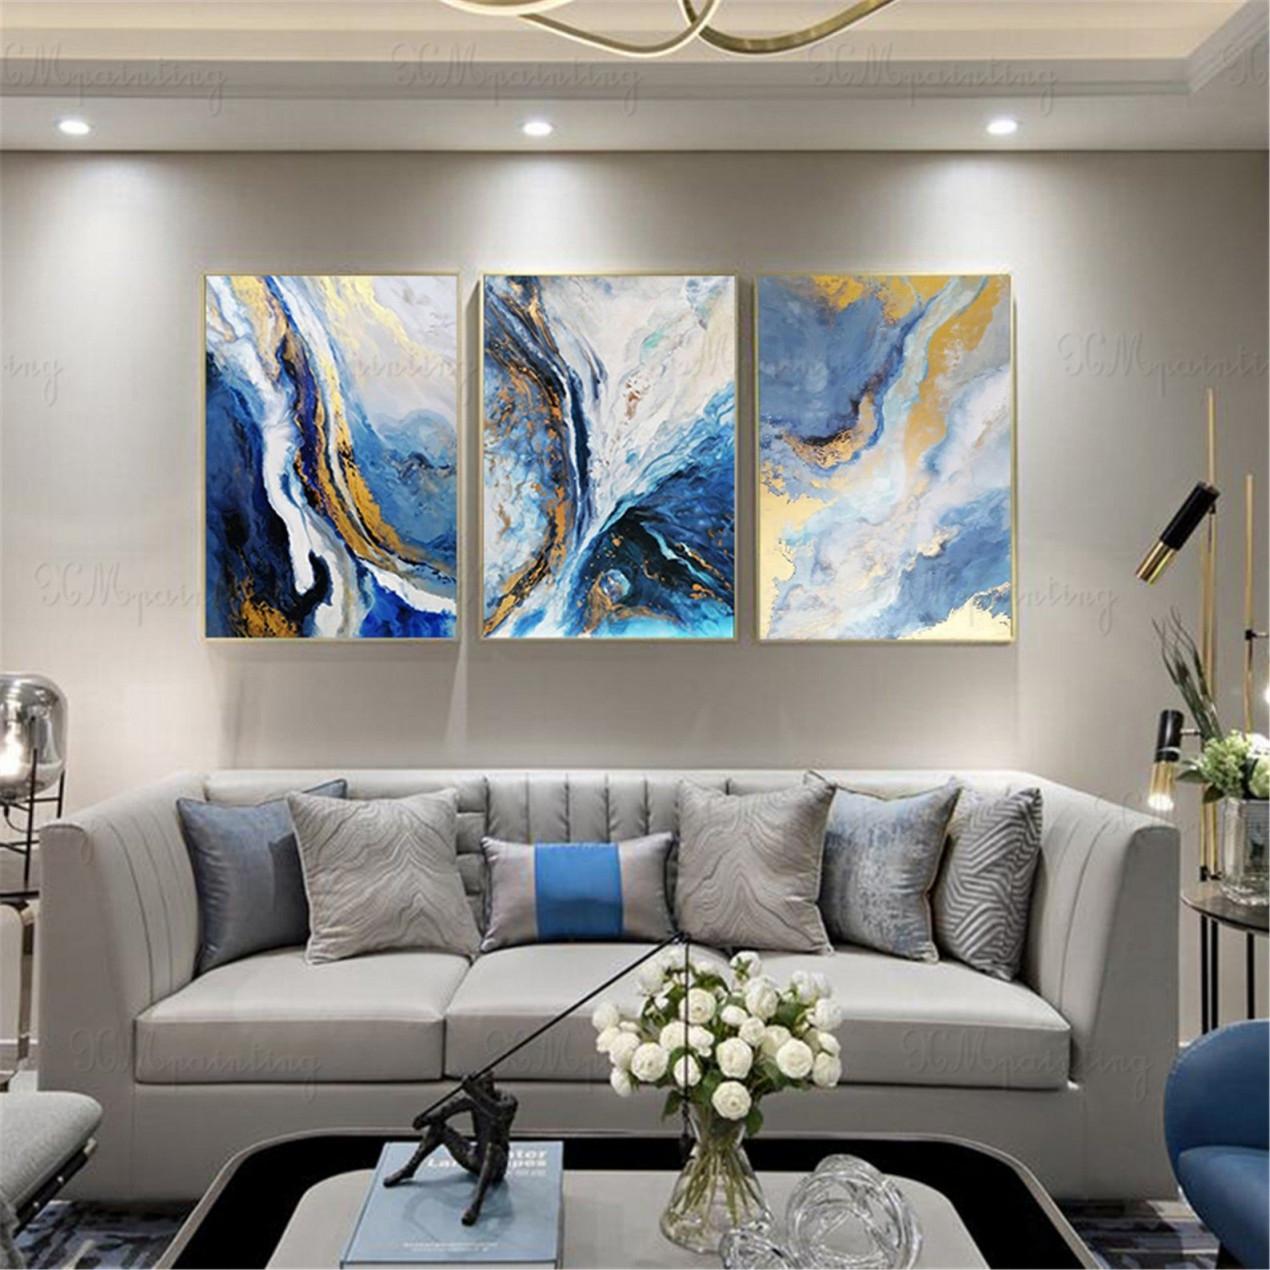 Abstract Acrylic Art Bedroom Blue Canvas Decor Gold von Moderne Leinwandbilder Wohnzimmer Bild